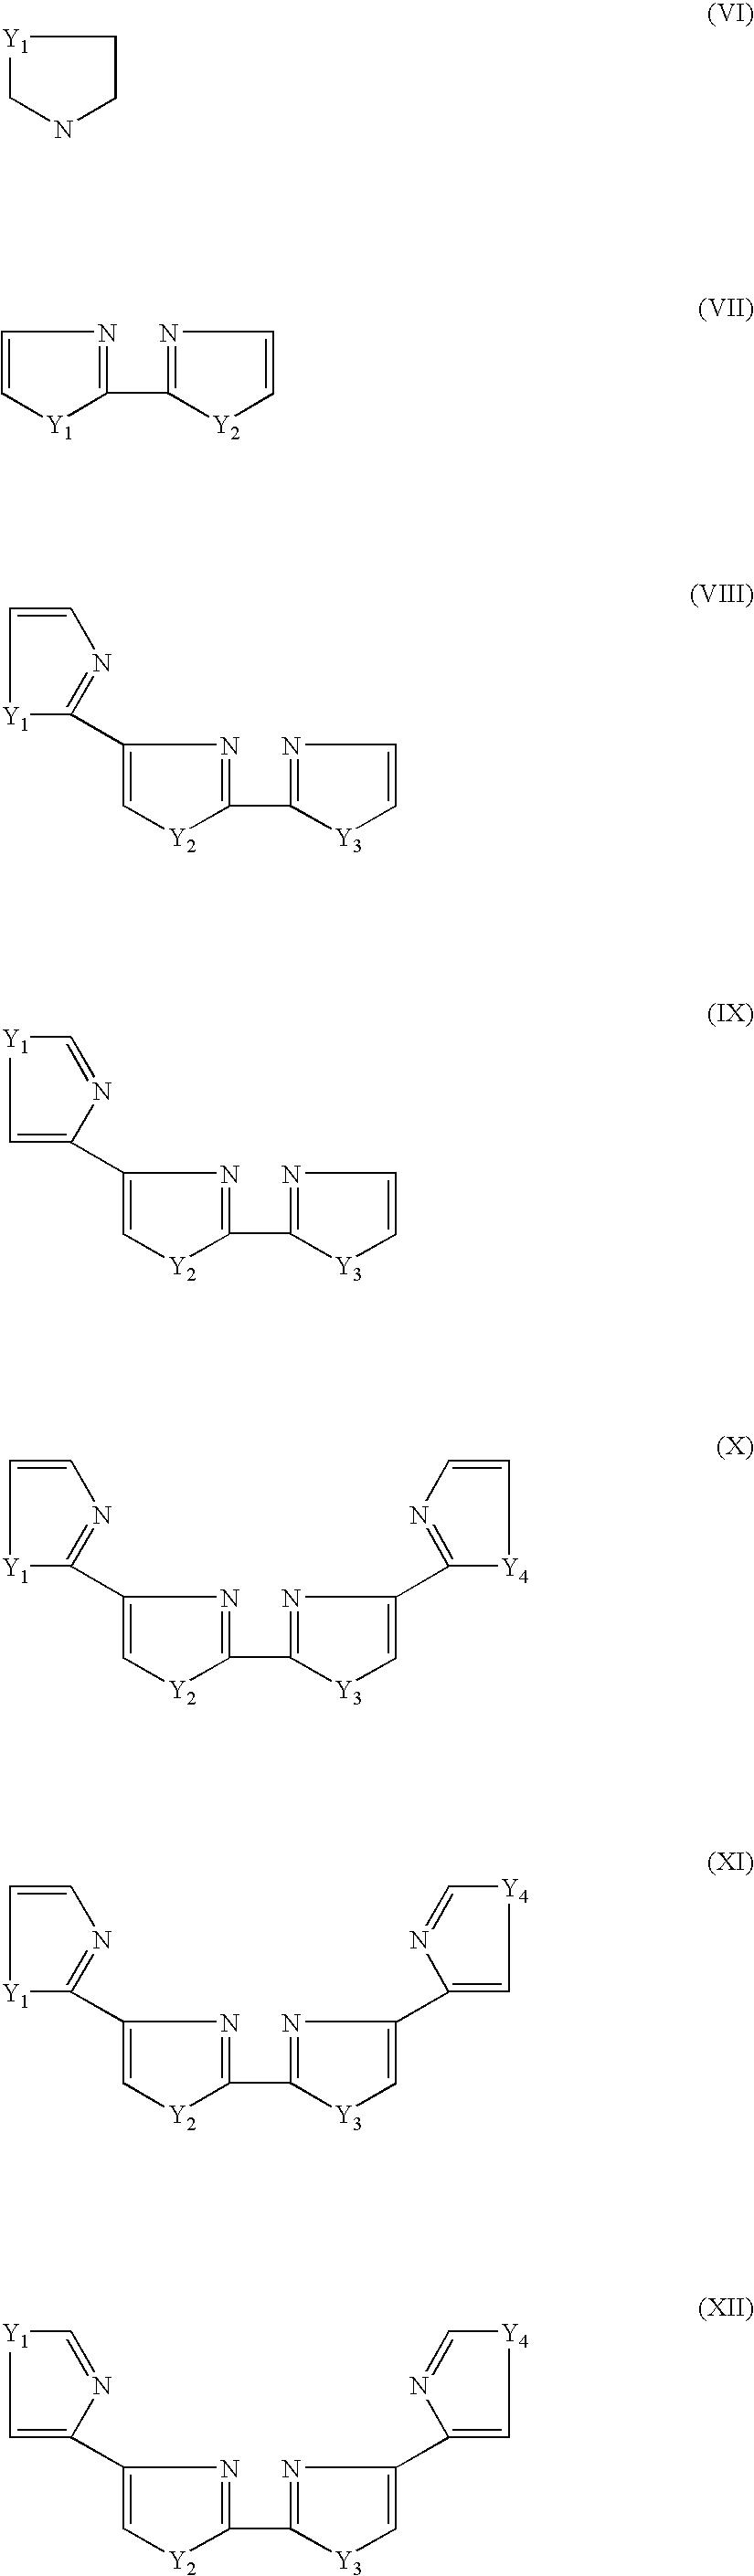 Figure US20060025662A1-20060202-C00005